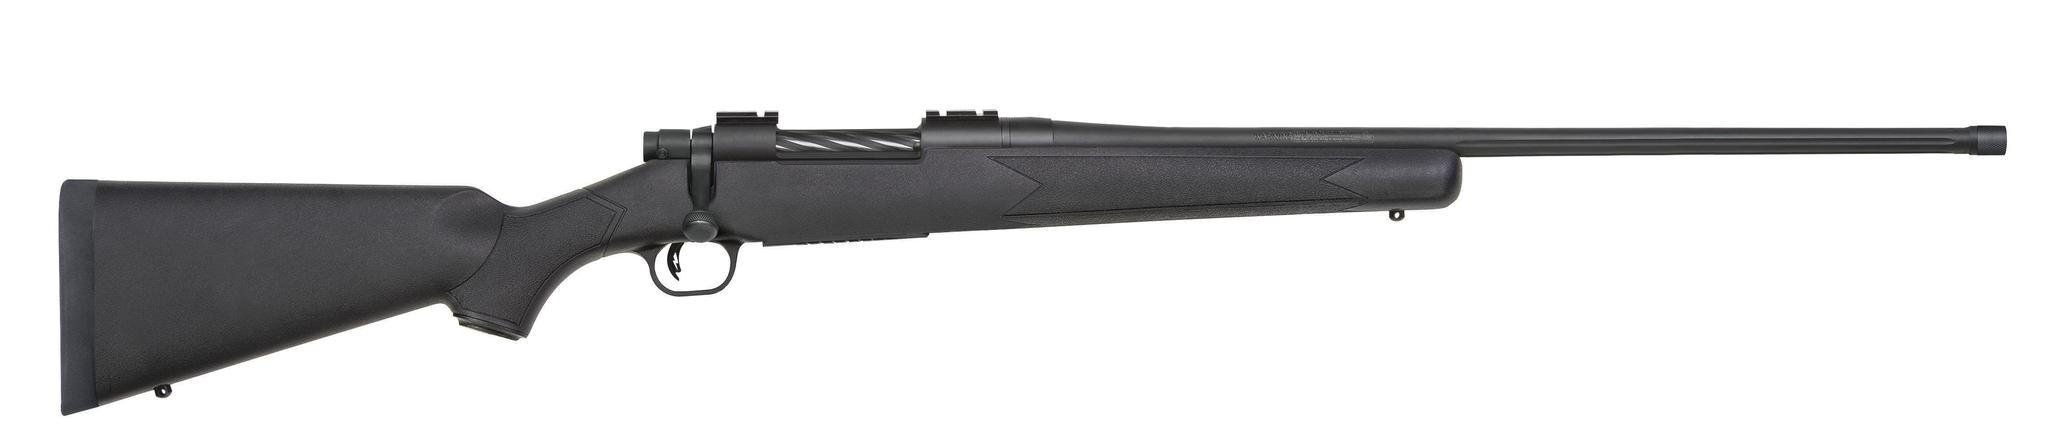 Mossberg Patriot Rifle 7mm Rem Mag